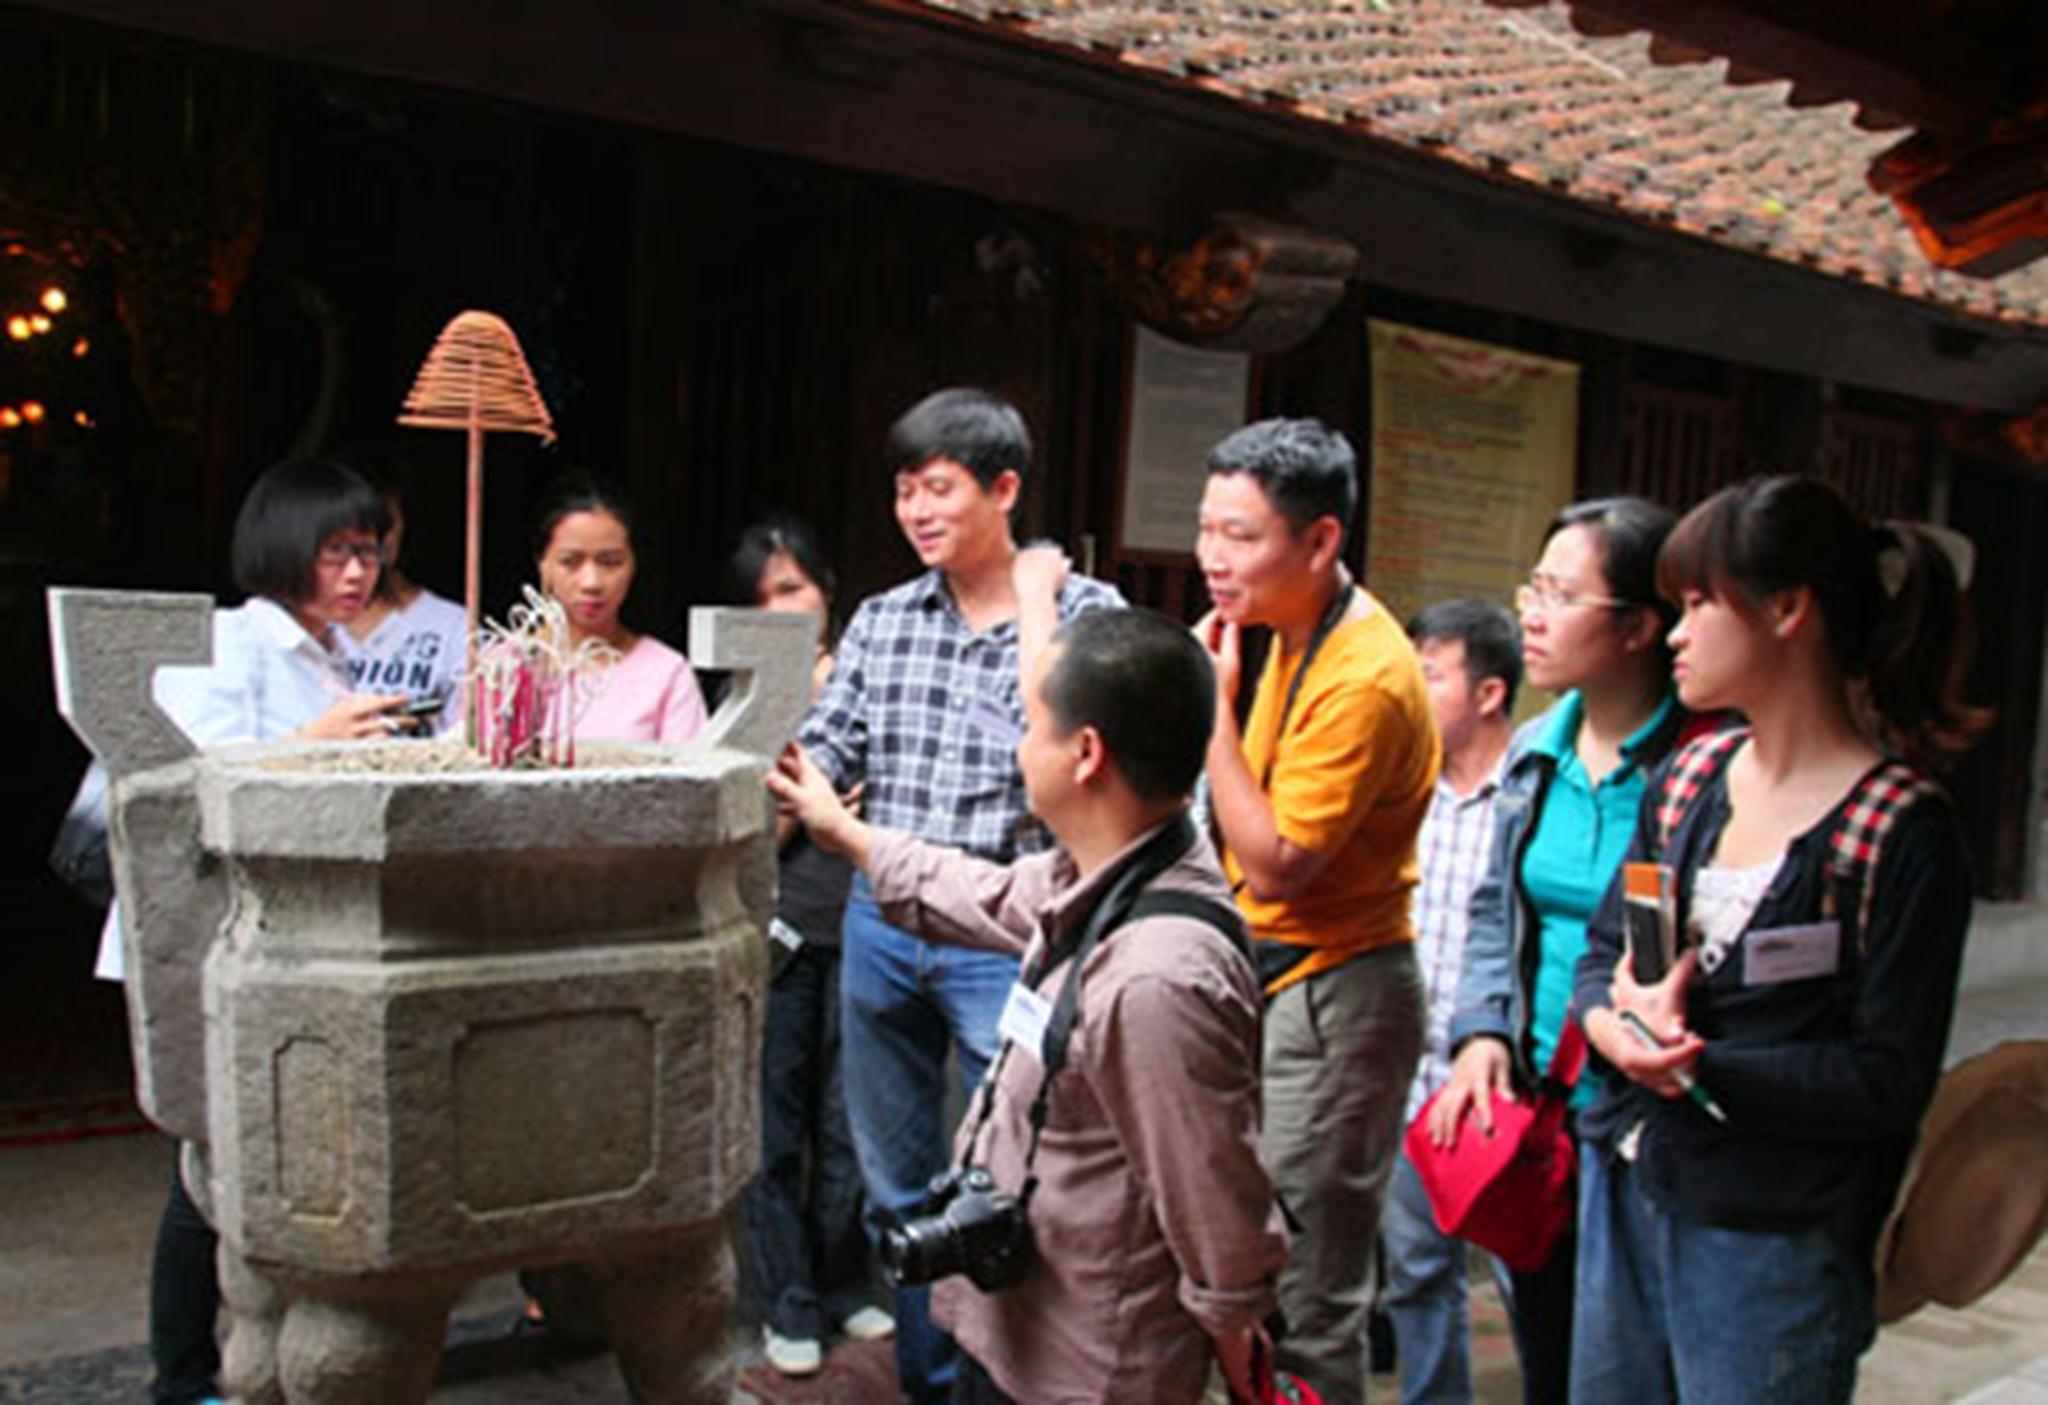 CLB Đình Làng Việt tham quan đình Phù Lưu (Bắc Ninh). Ảnh: Nguyệt Ánh